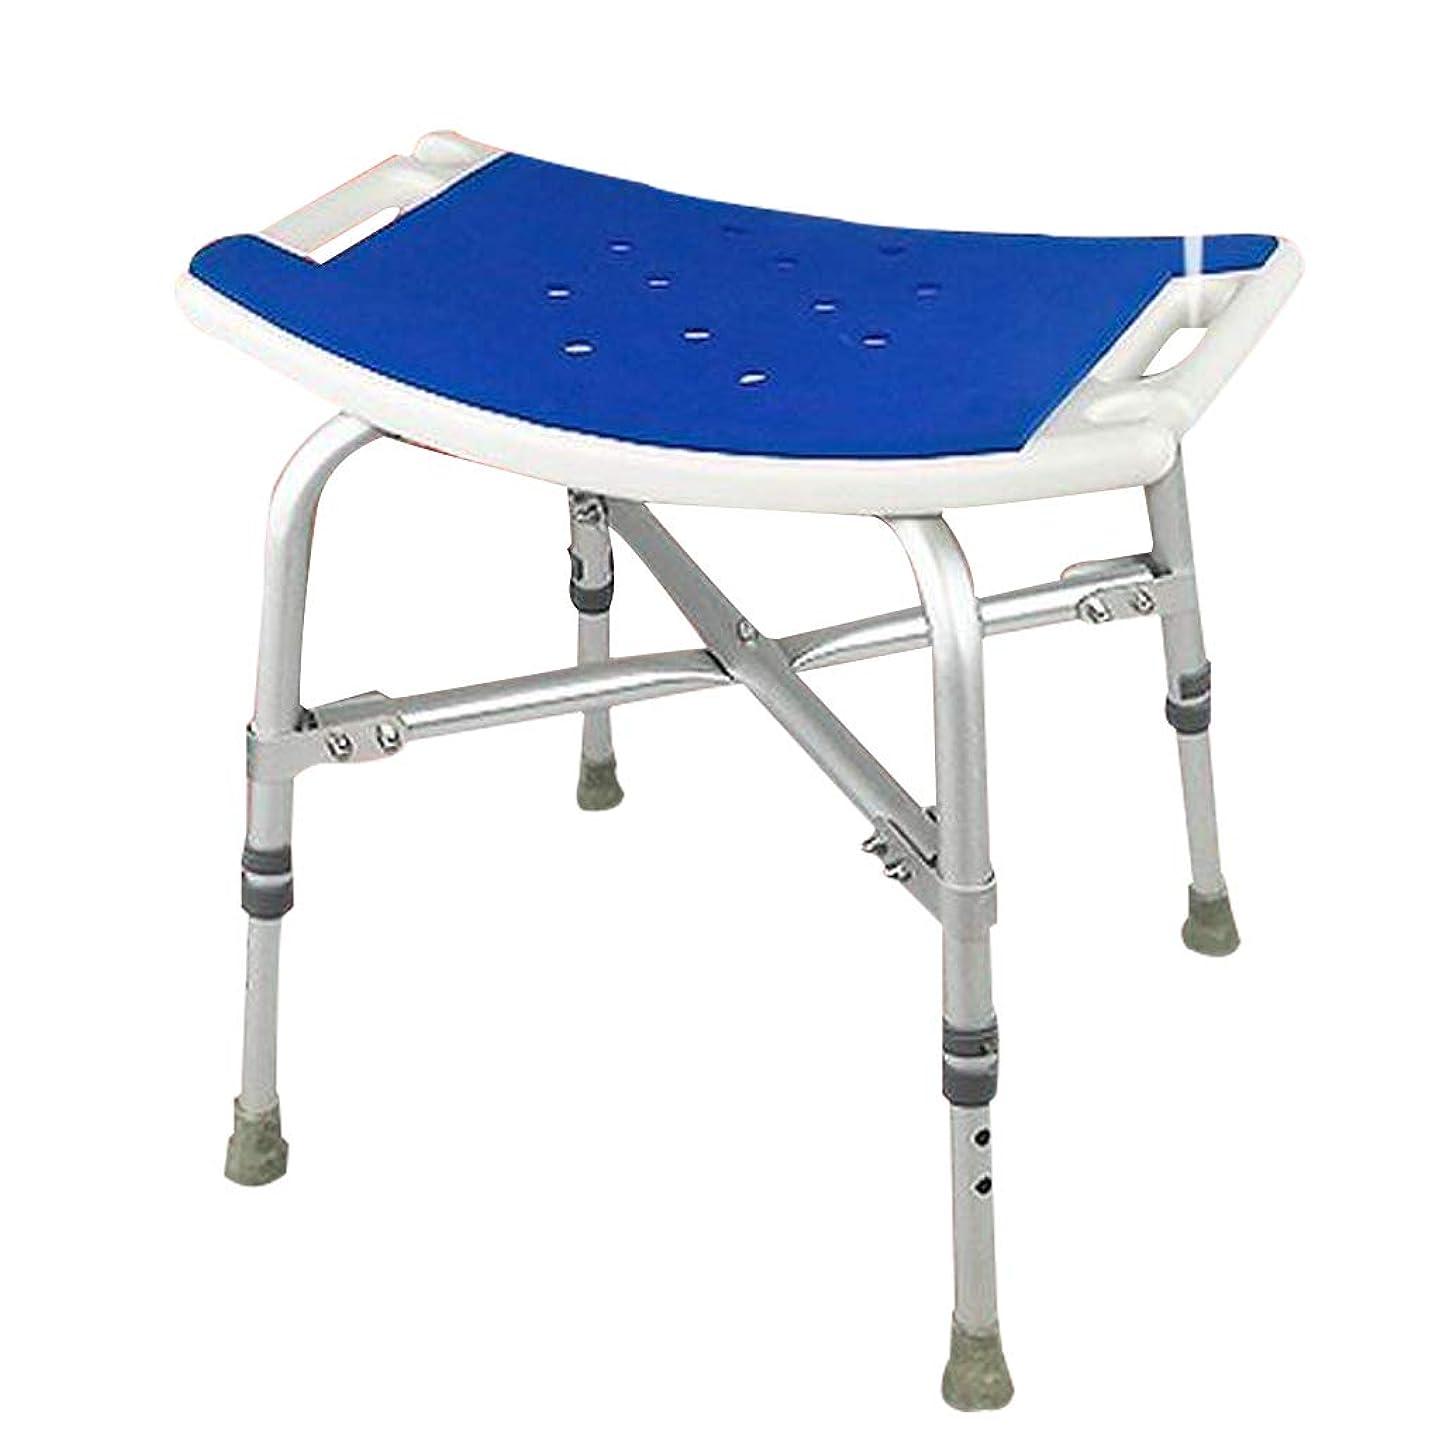 起きて三含意高さ調整可能 バス/シャワースツール ハンディキャップシャワーシート 障害者支援 人間工学に基づいた バスタブリフトチェア パディング付き 高齢者、障害者、成人向け ヘビーデューティ